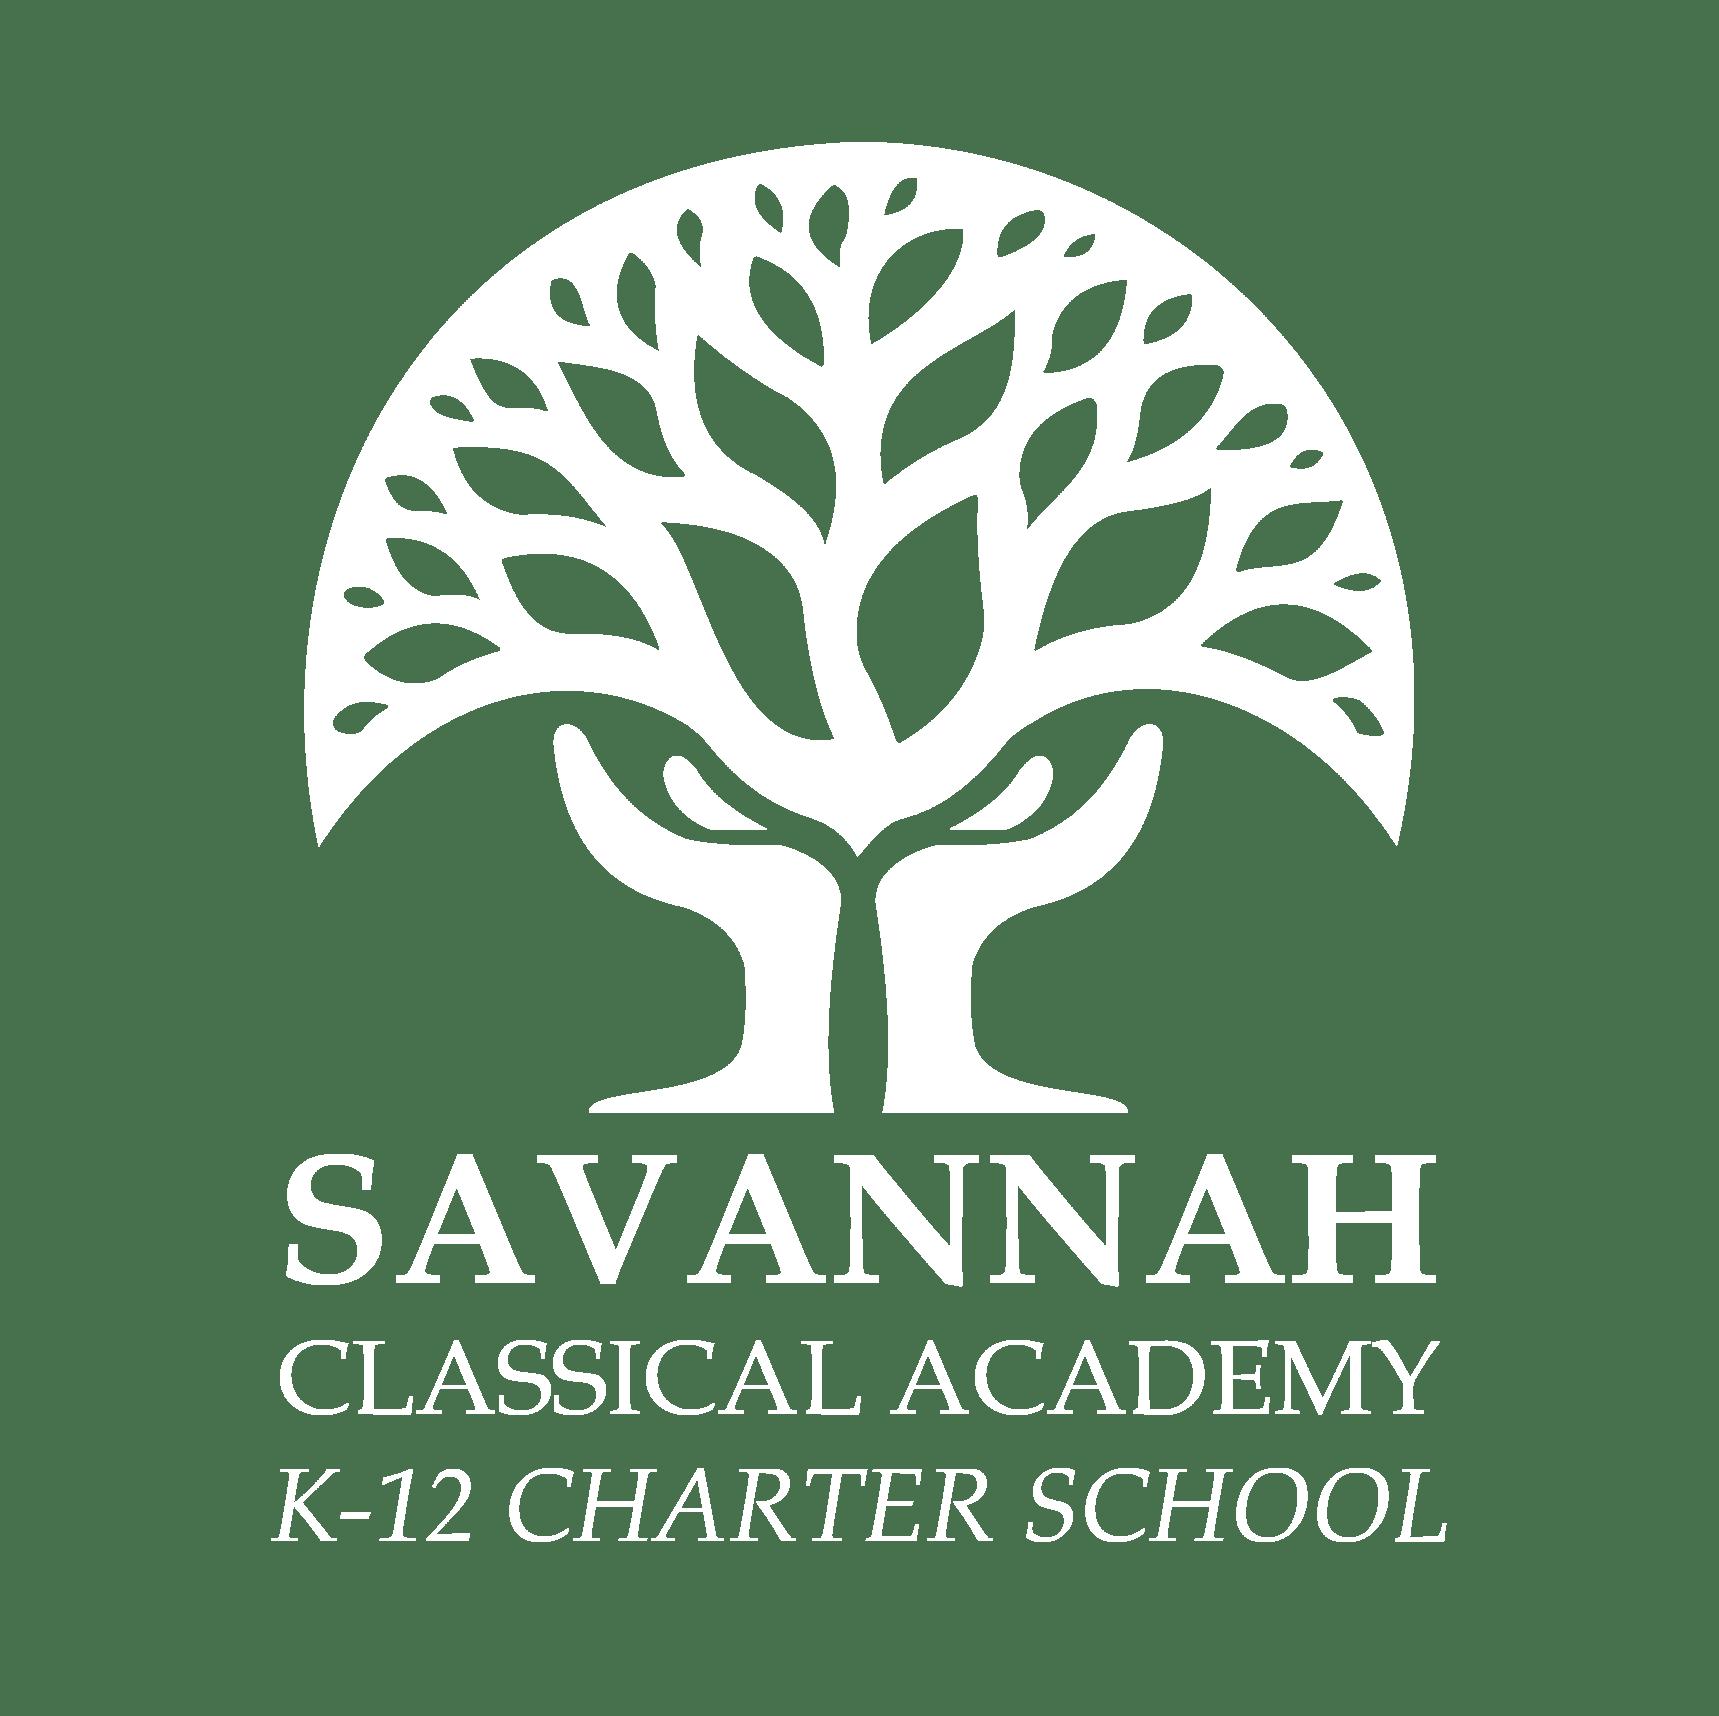 SCA - Savannah Classical Academy